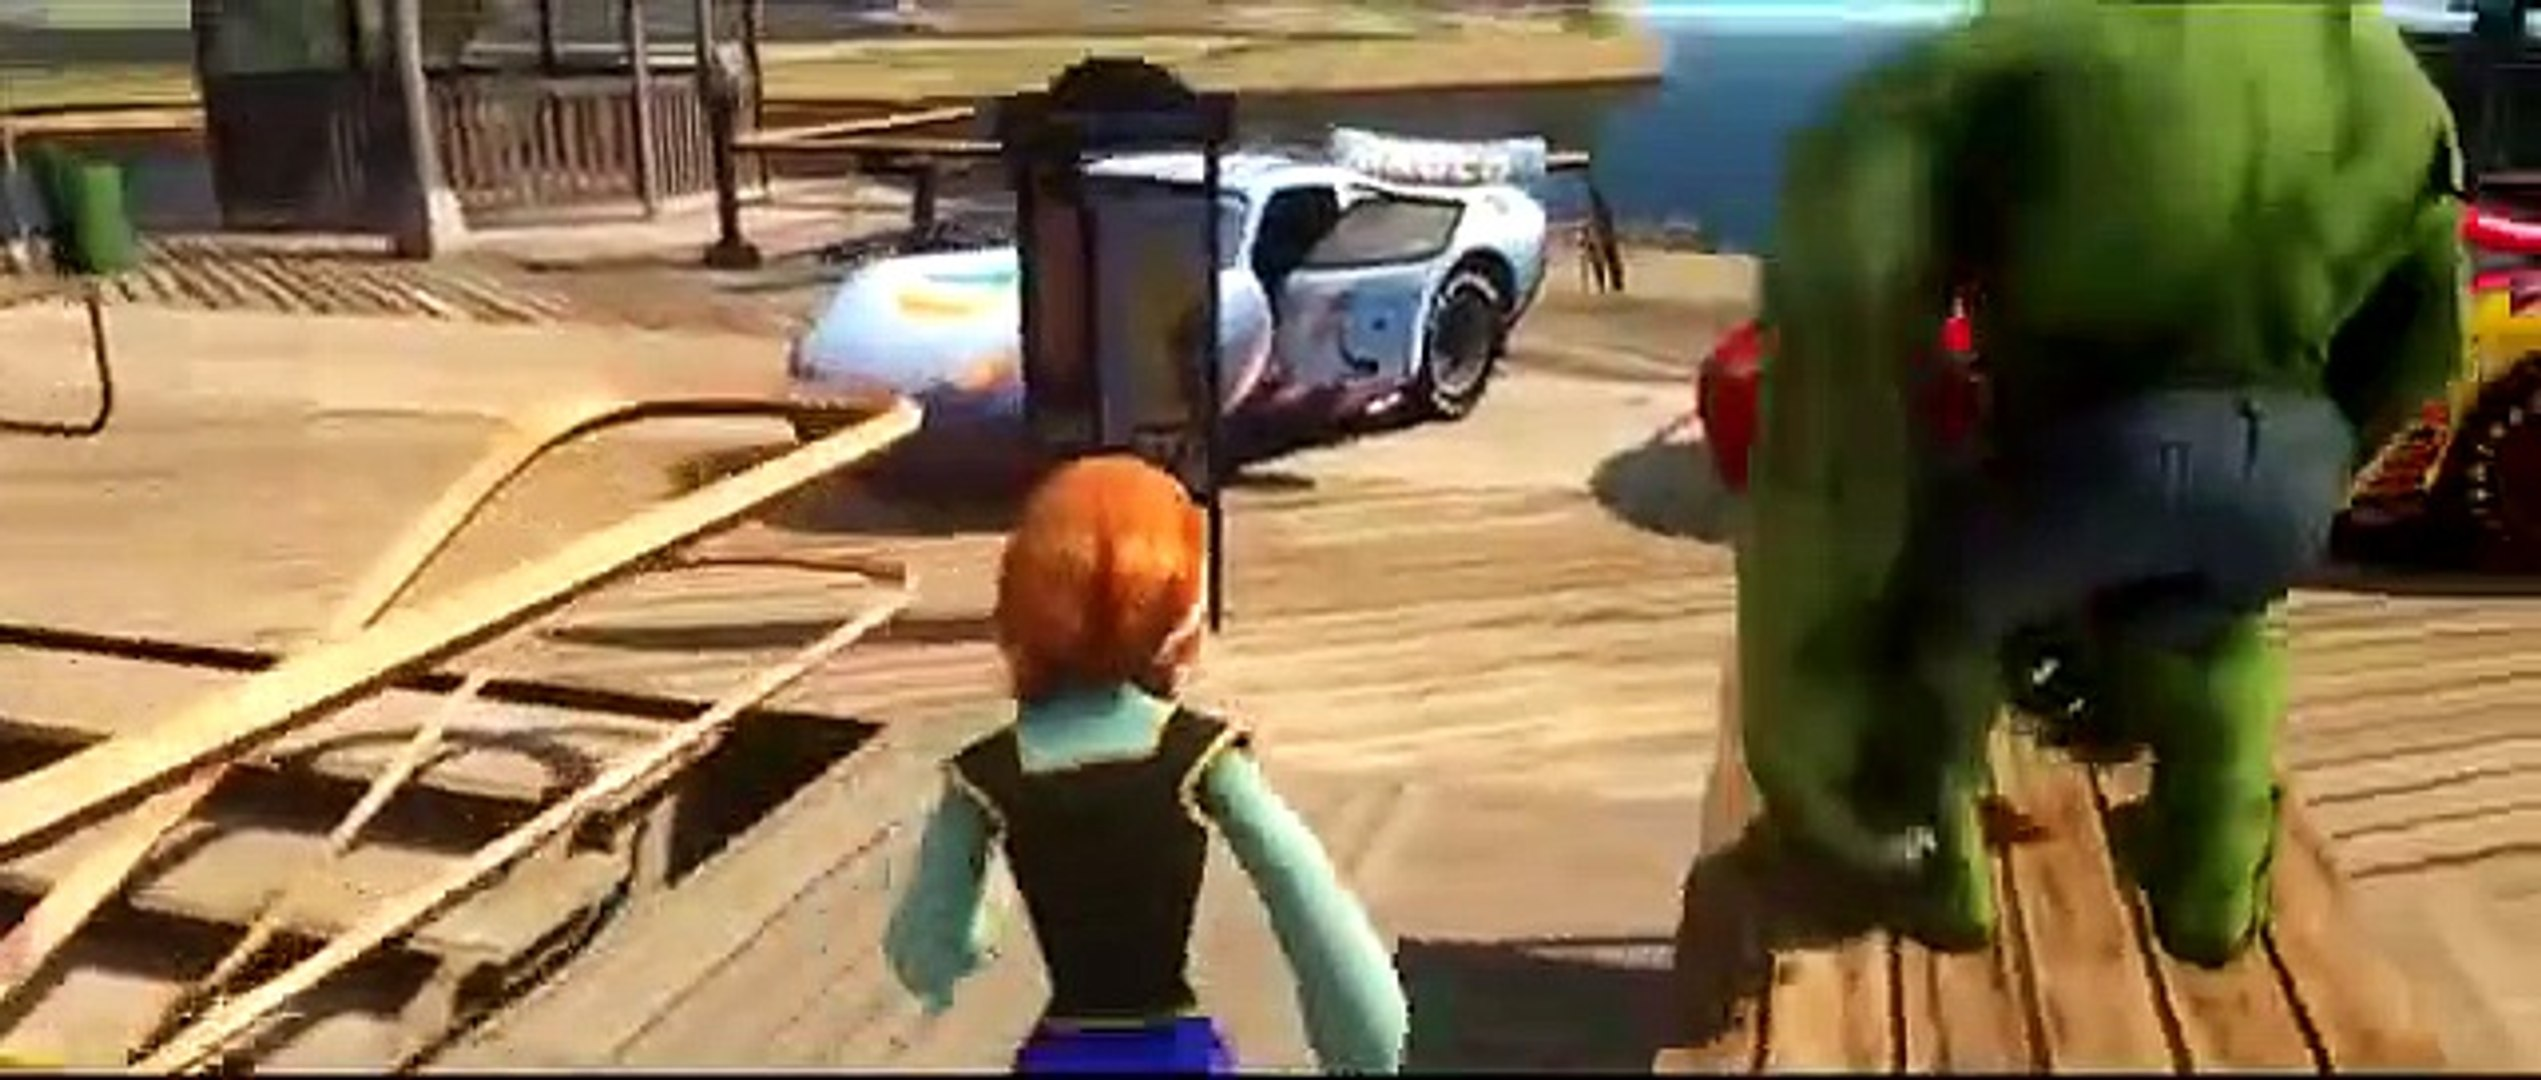 Халк и Анна Холодное Сердце веселое приключение друзей , интересный мультик игра для детей